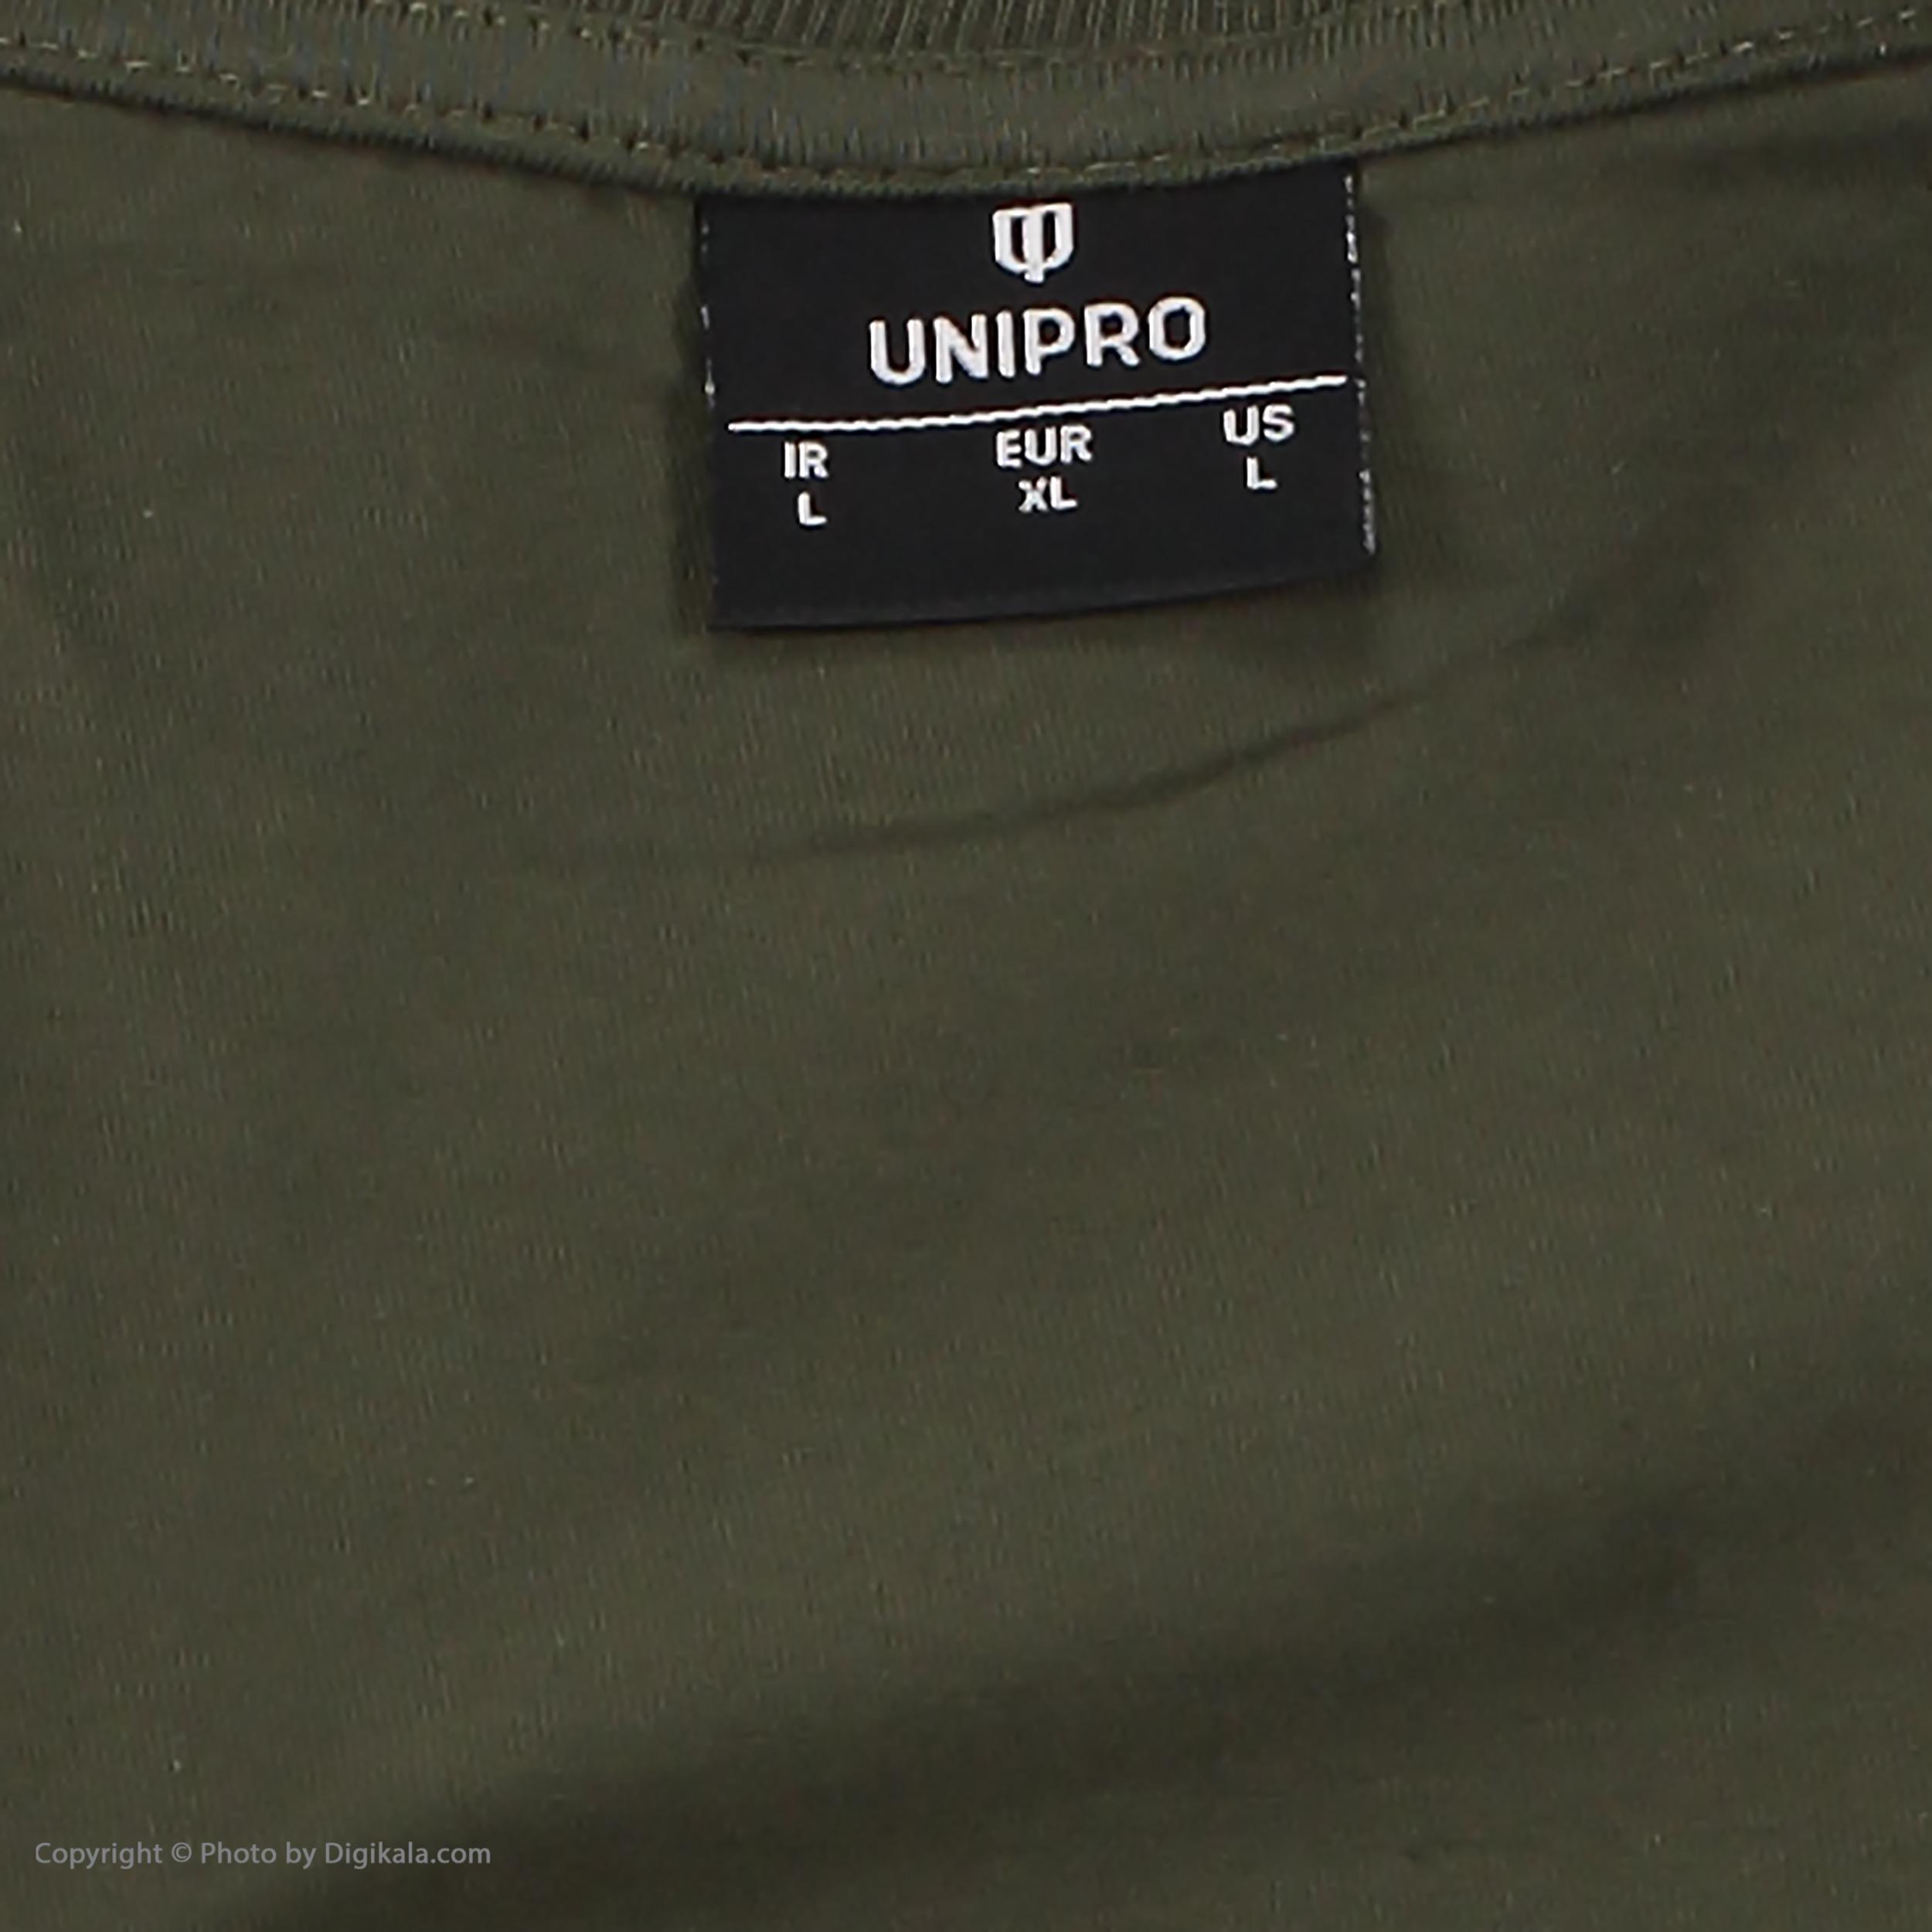 تی شرت ورزشی مردانه یونی پرو مدل 914119301-60 -  - 6